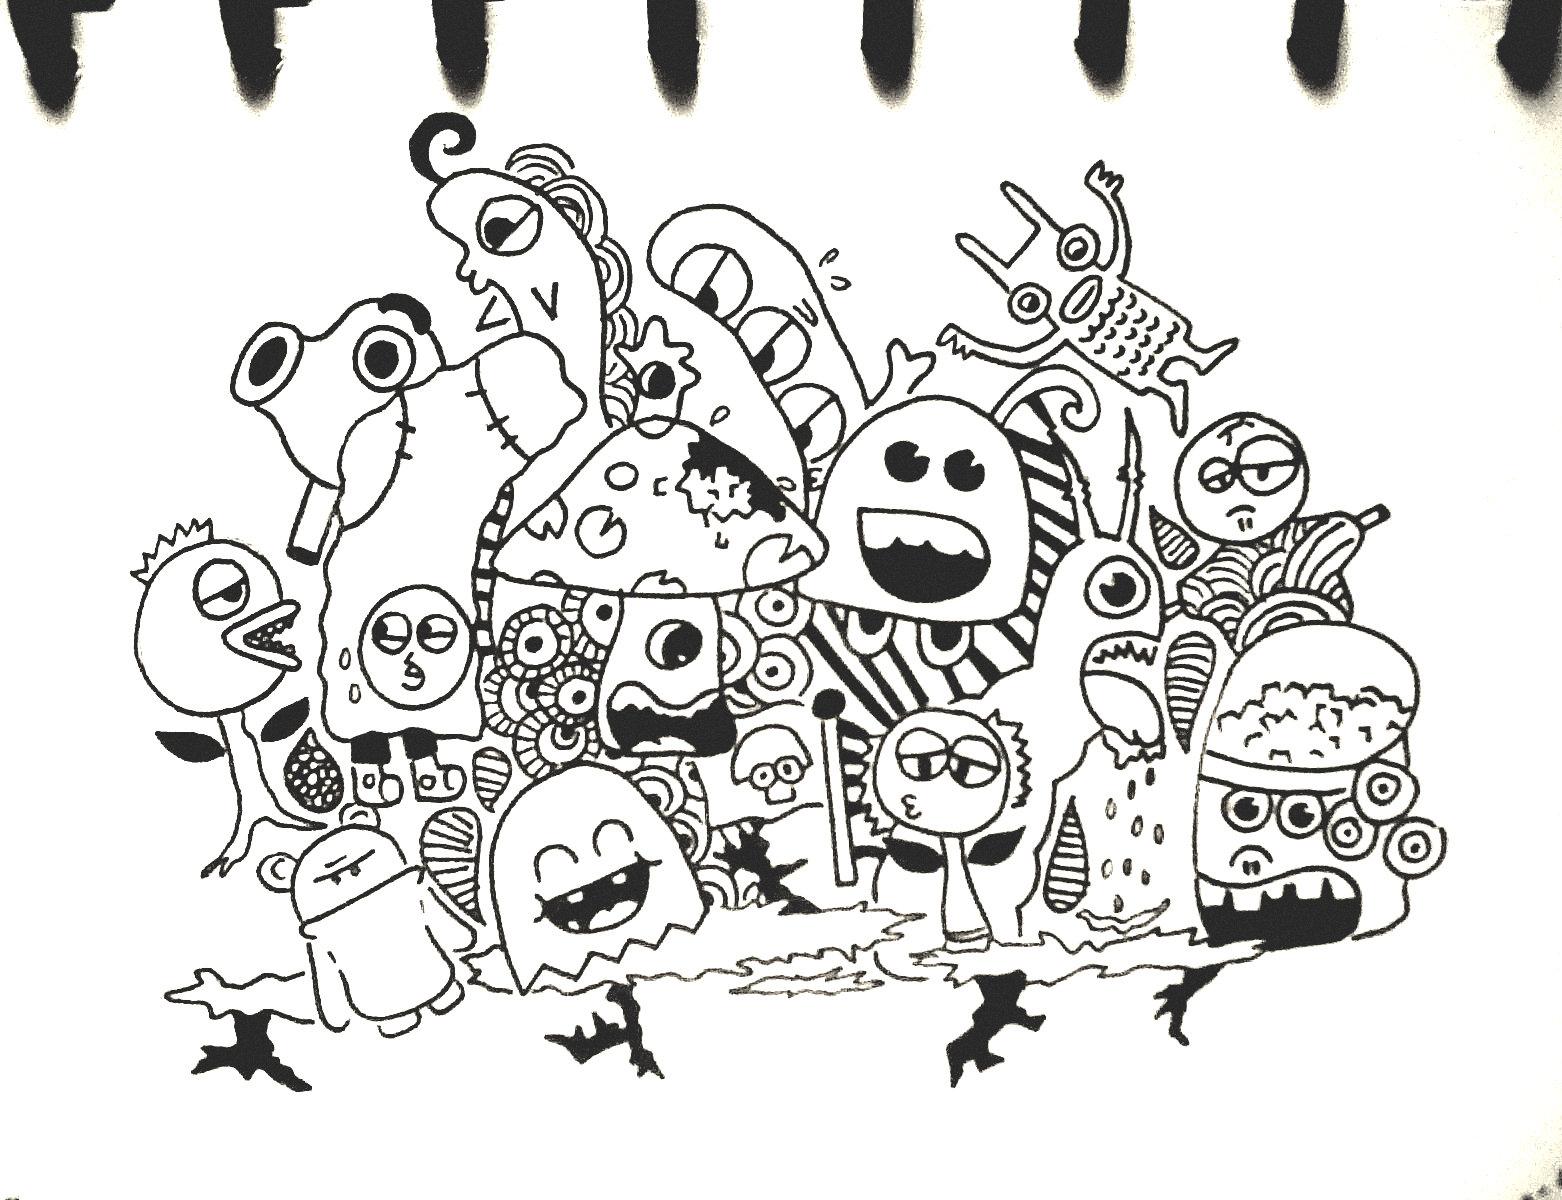 Doodle monster by tikaafni25 on deviantart for Doodle art monster